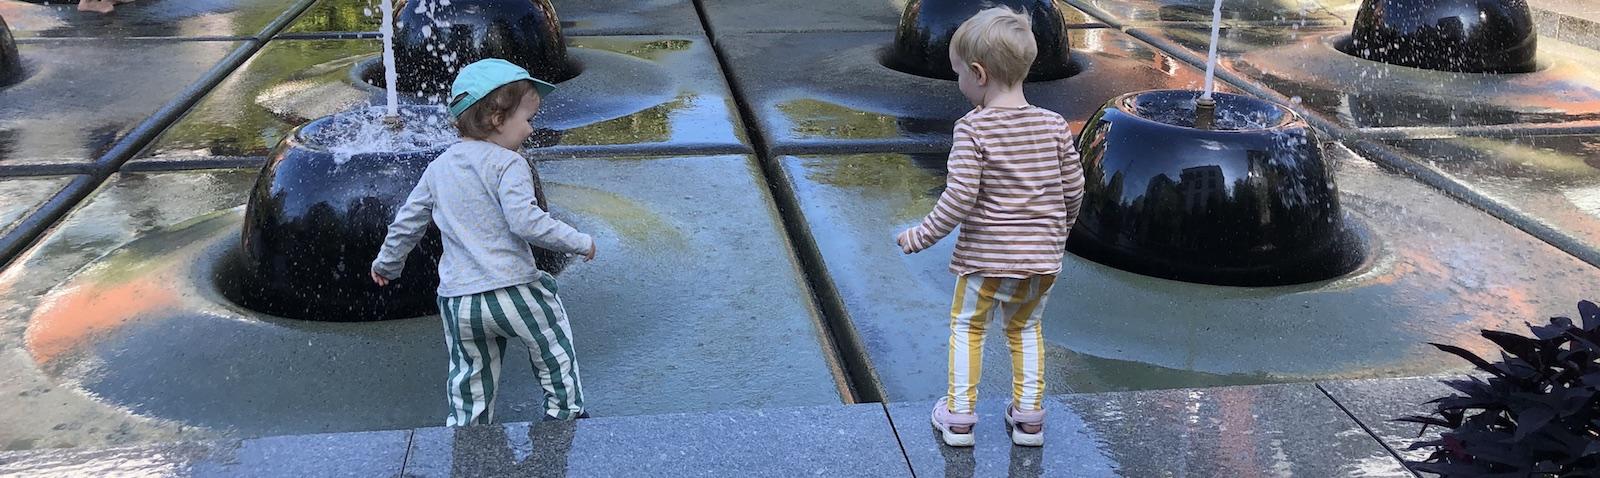 Leta hägn och hitta vattenpark